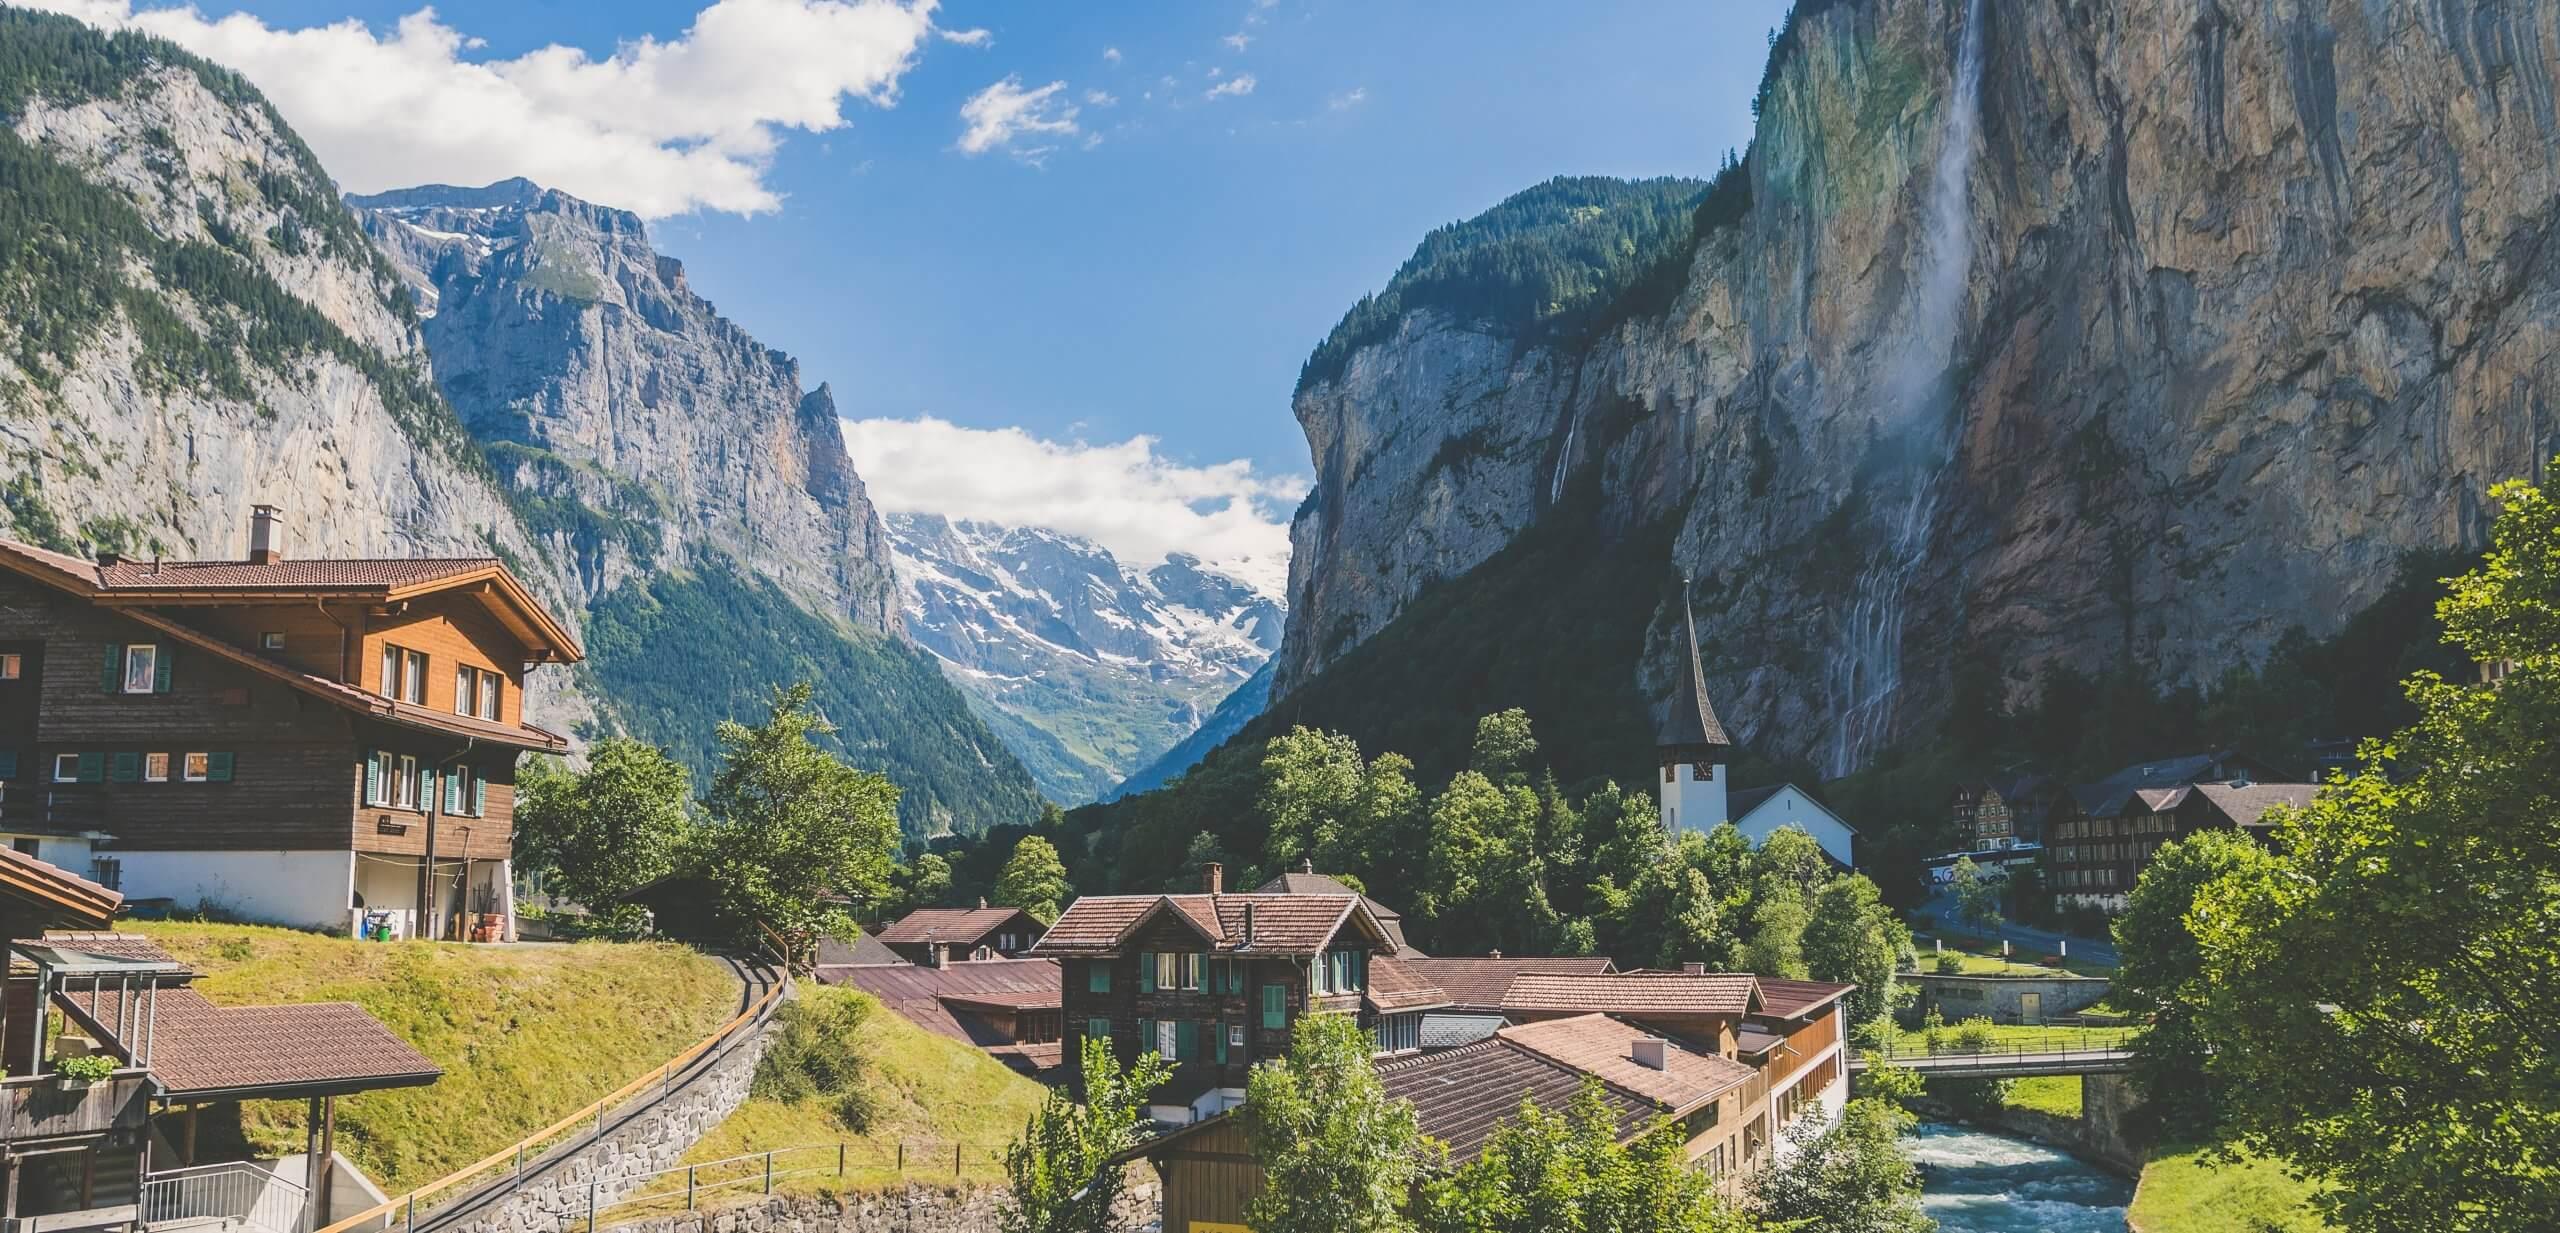 Lauterbrunnen Schweiz scaled